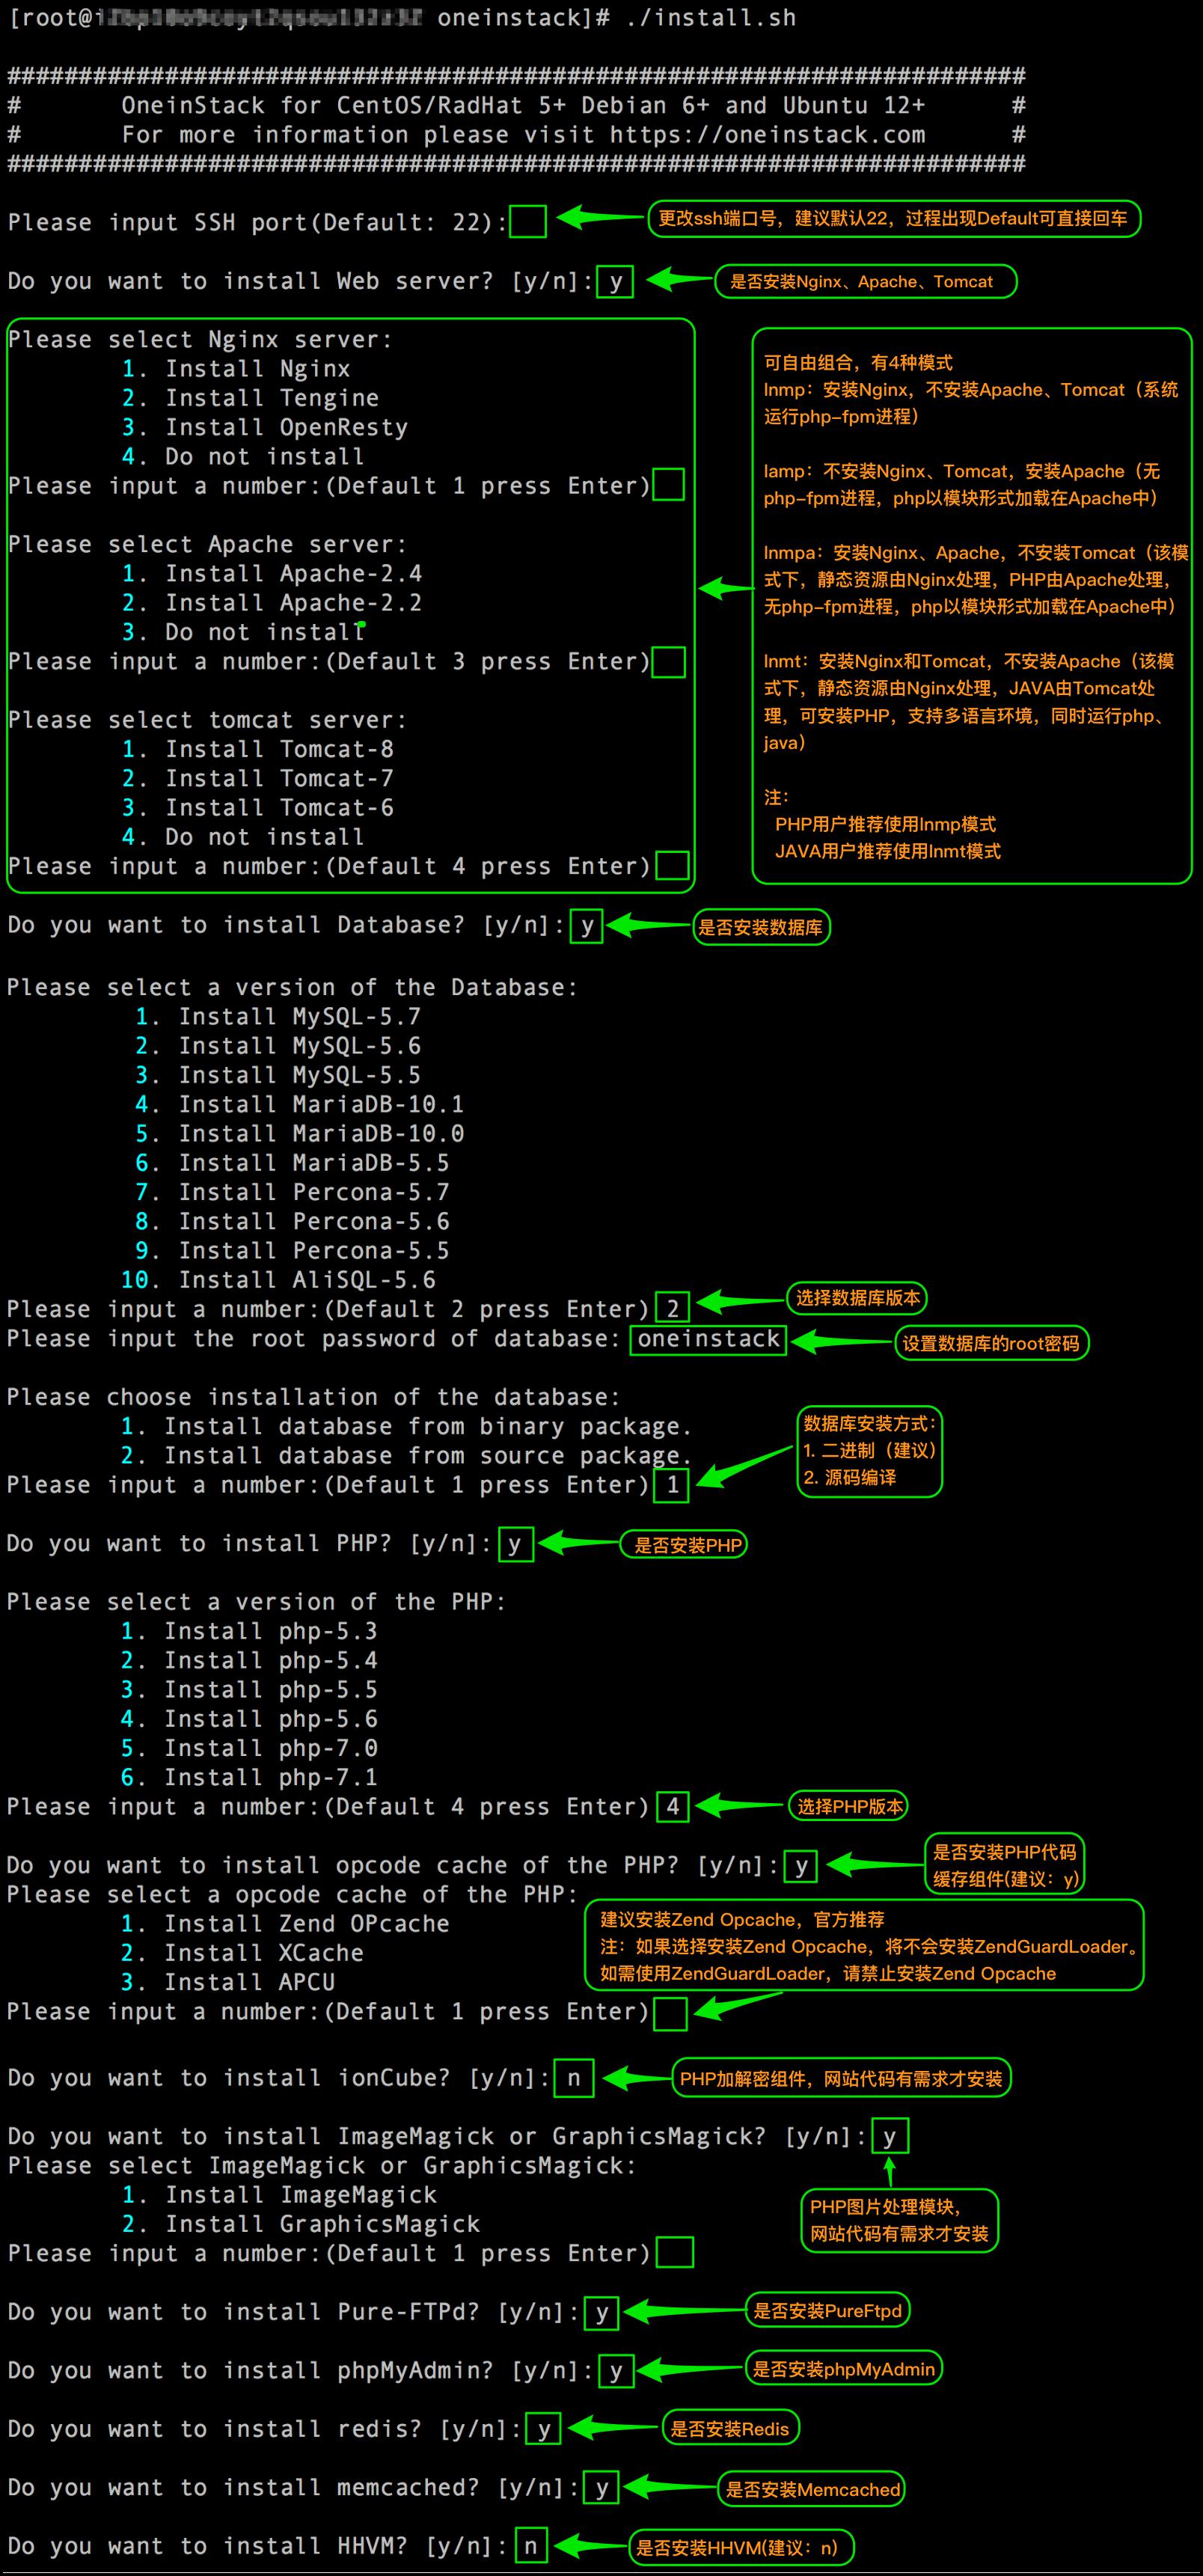 云服务器一键安装LAMP/LNMP/LANMP环境